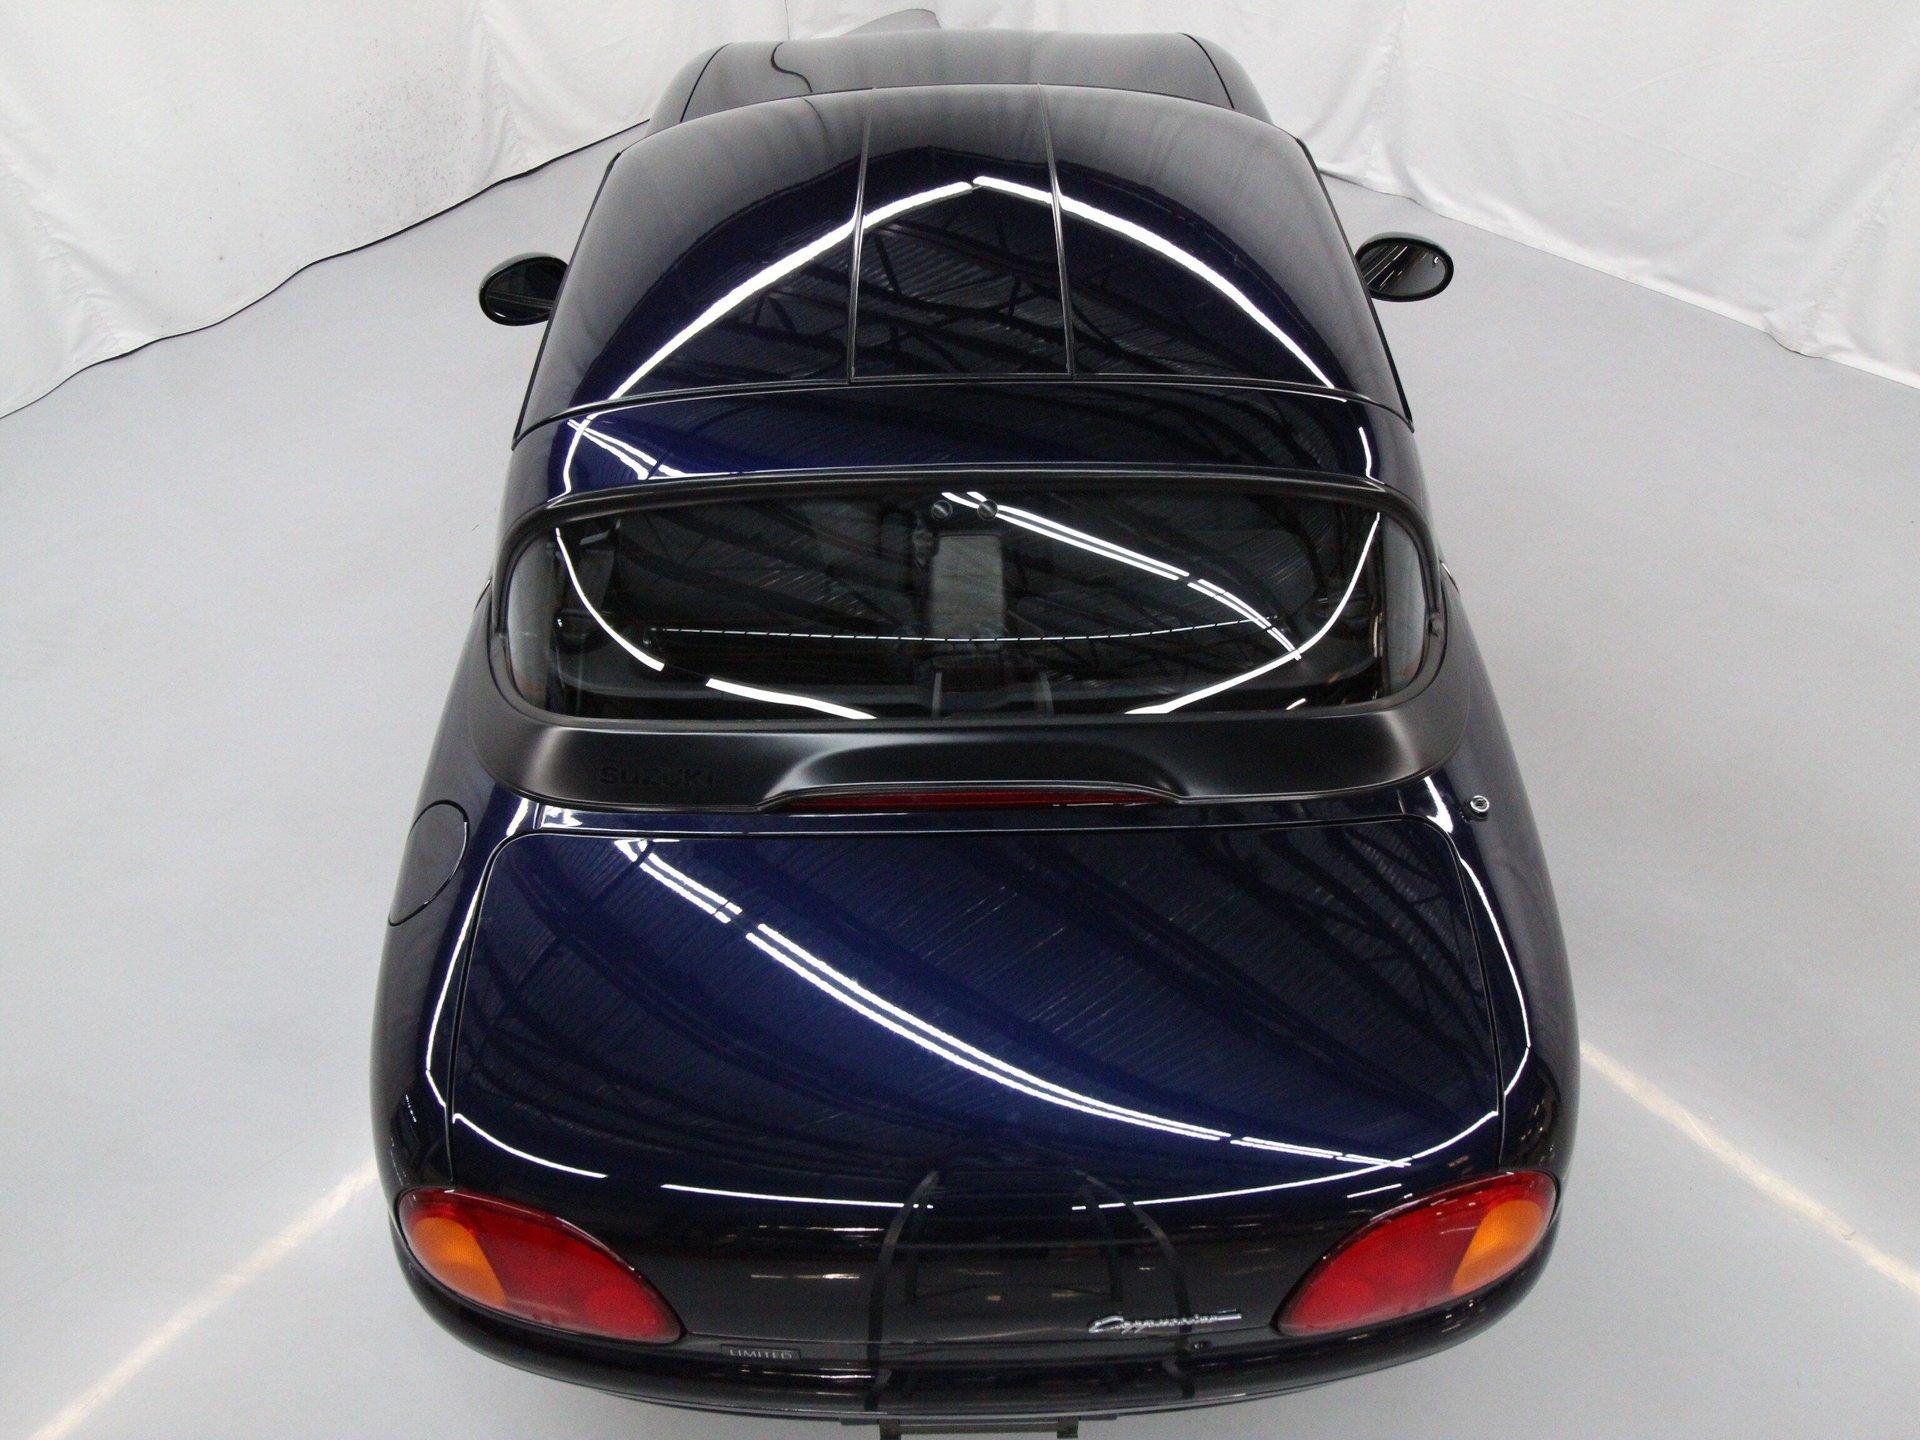 1994 Suzuki Cappuccino